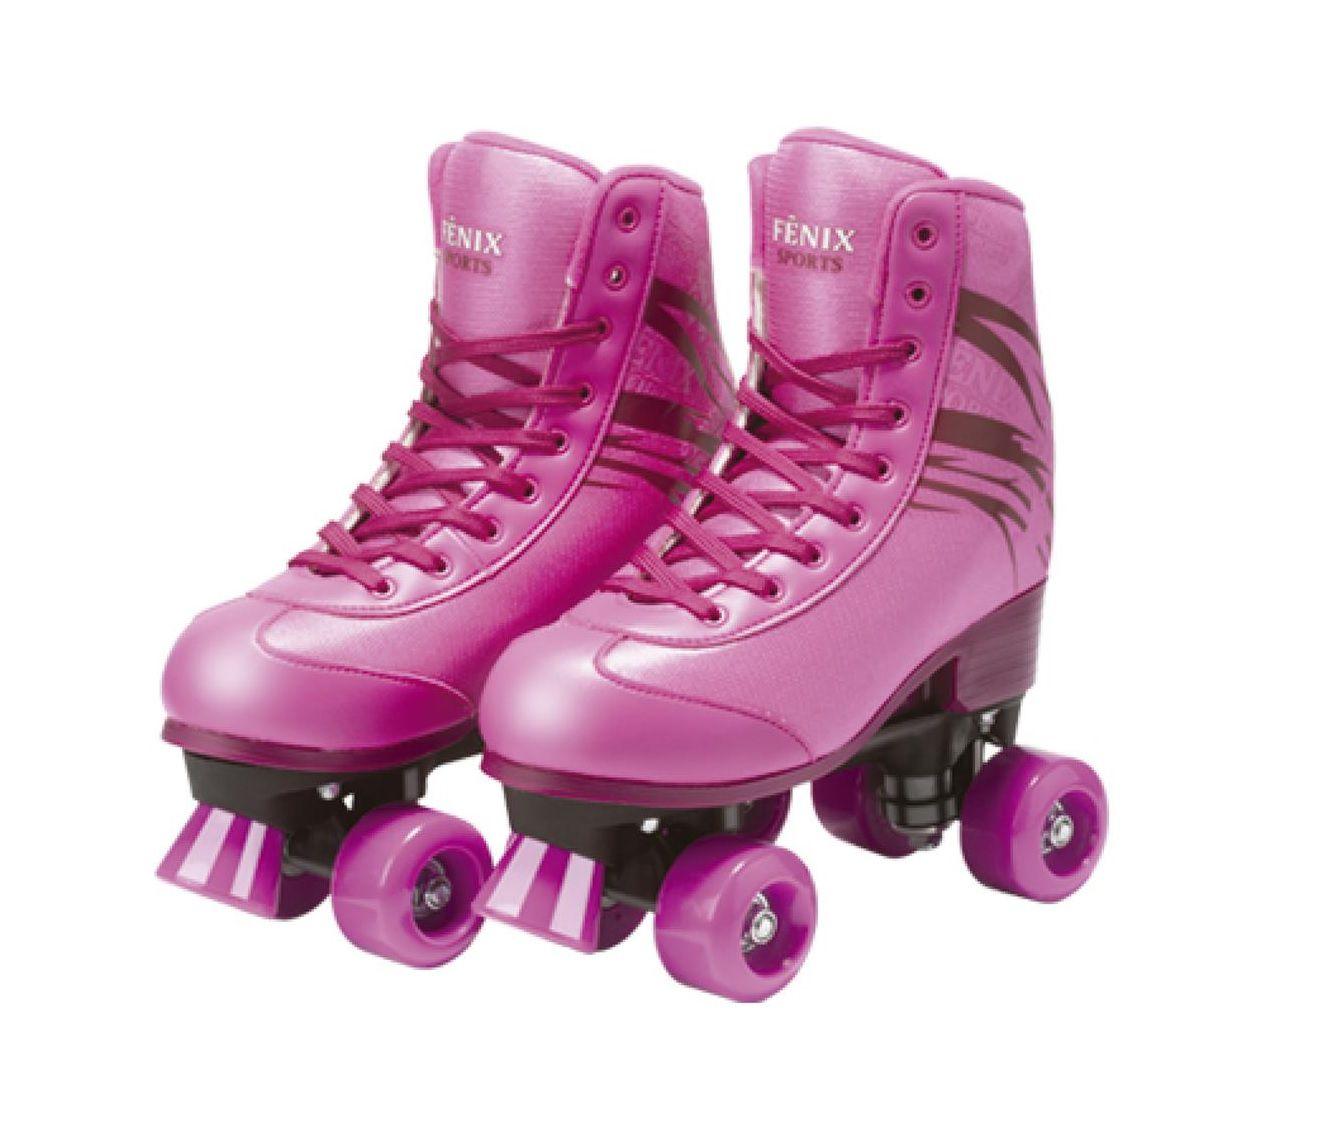 Patins 4 Rodas Roller Skate Ajustáveis Rosa 35 ao 38 - Fenix Brinquedos